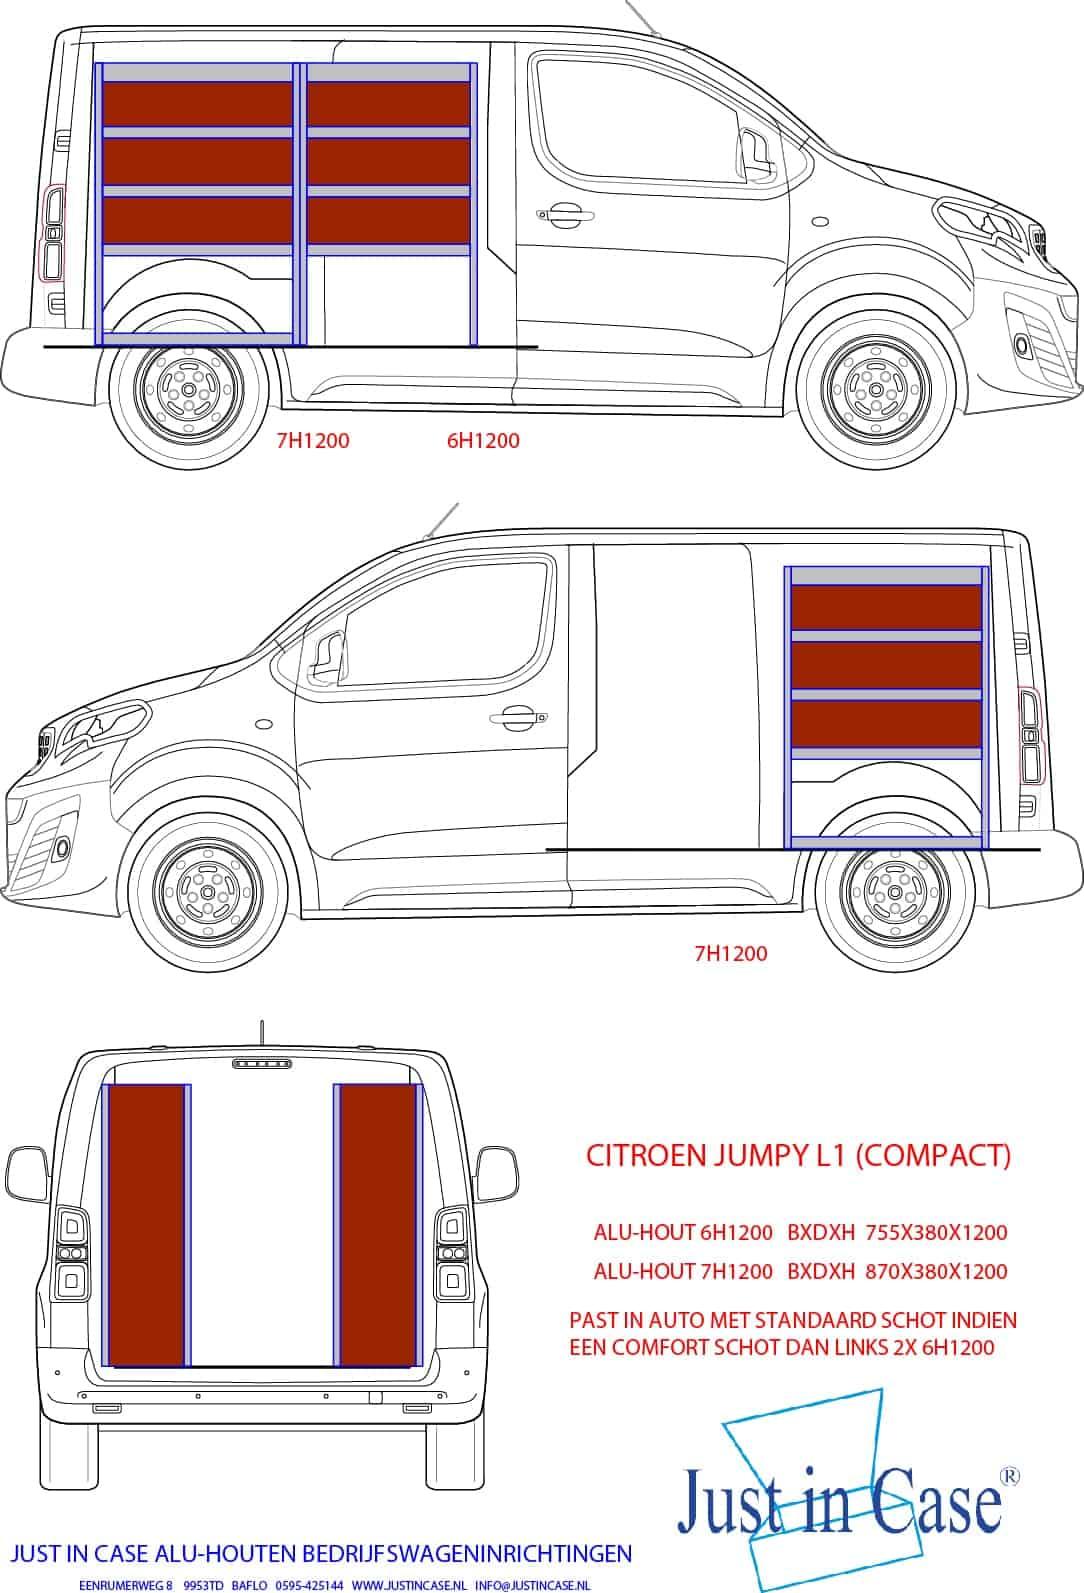 Citroën Jumpy bedrijfsbus inrichting